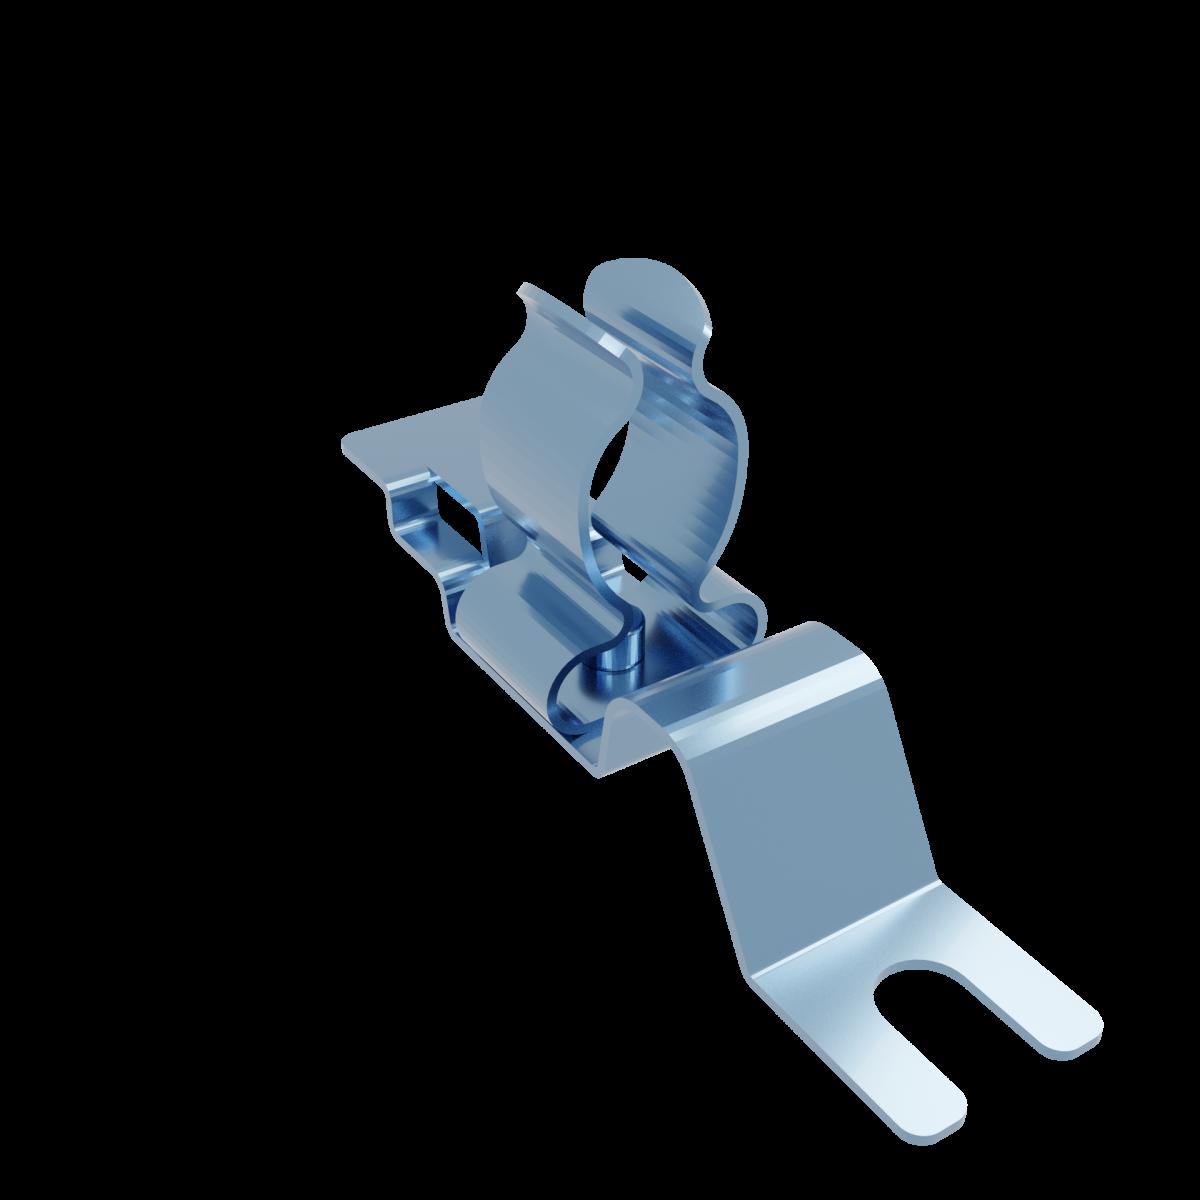 Stínicí kabelová spona s vidlicí MSE 1.5-3